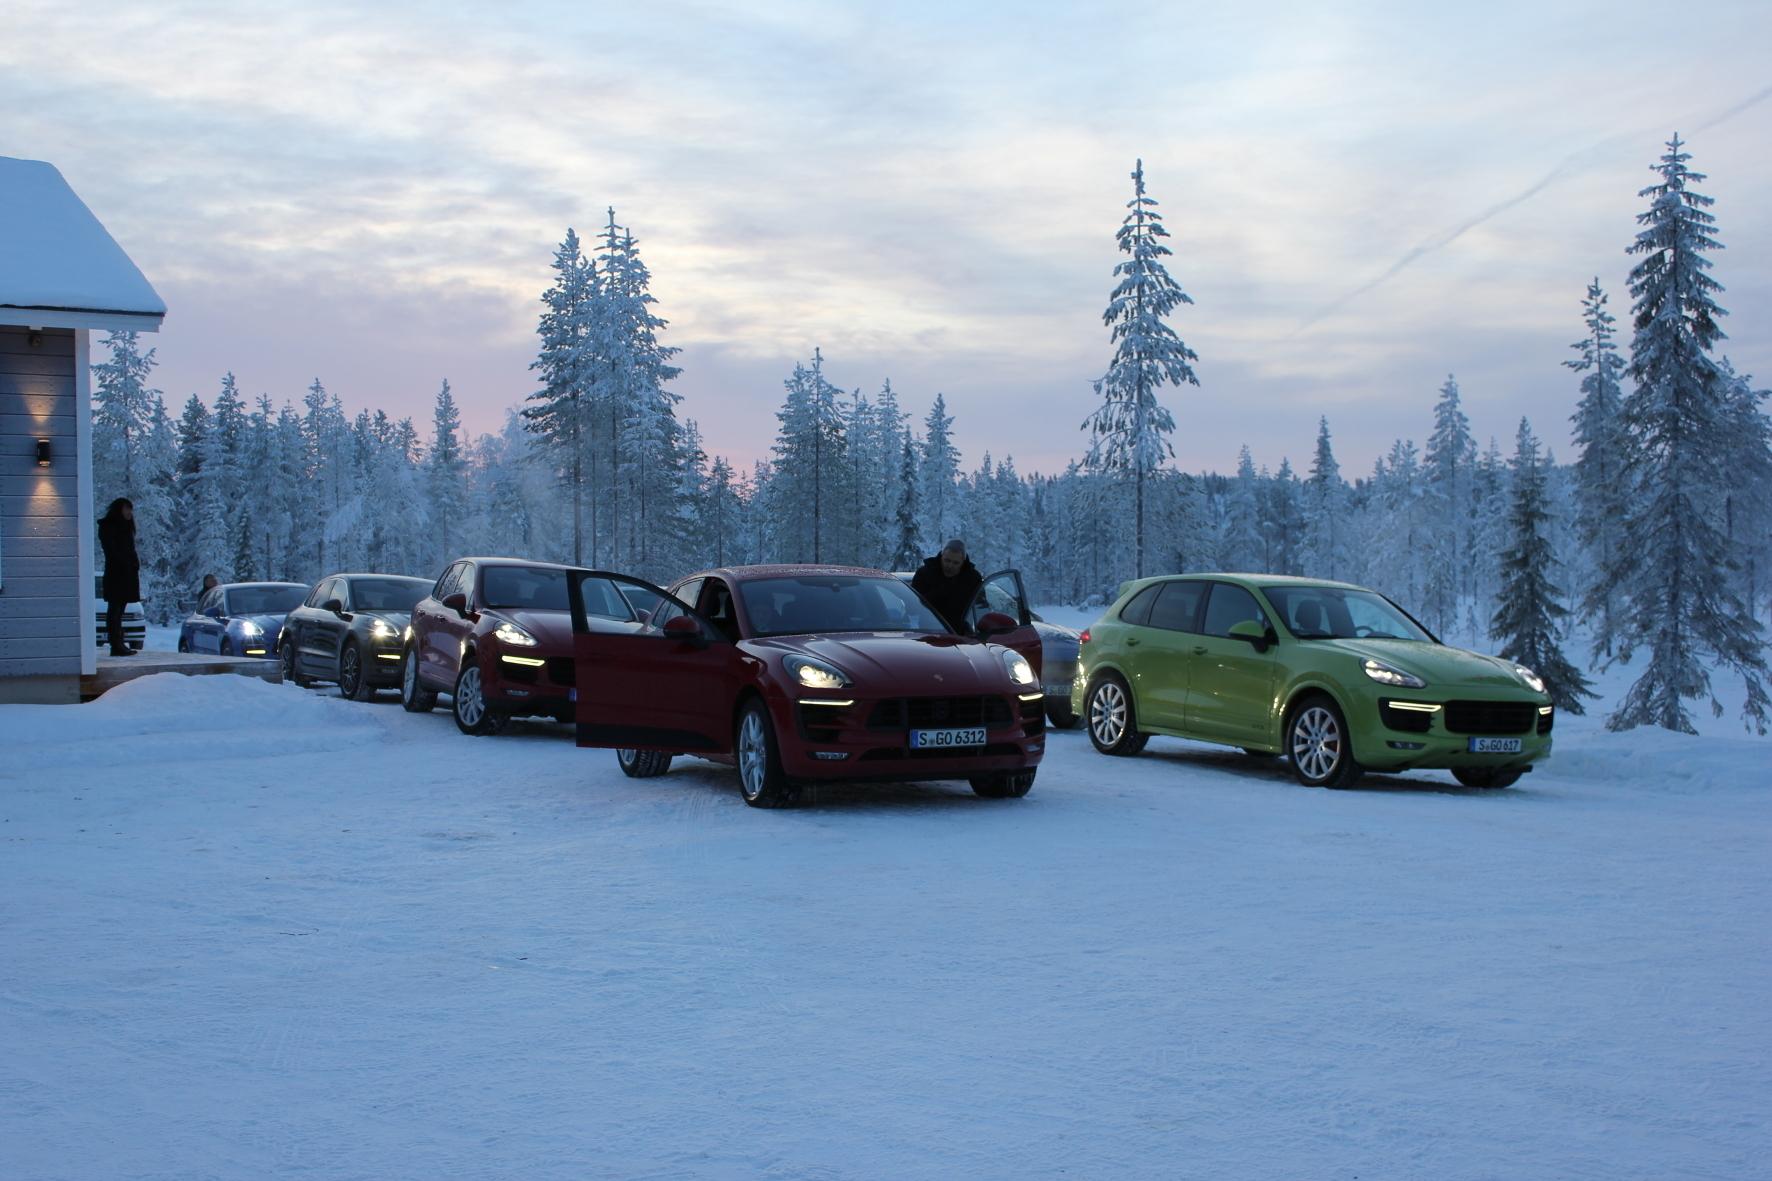 mid Kittilä/Finnland - Startklar: Mit dem seit kurzem erhältlichen Porsche Macan Turbo mit Performance Paket geht es auf Abenteuer-Tour quer durch Lappland.